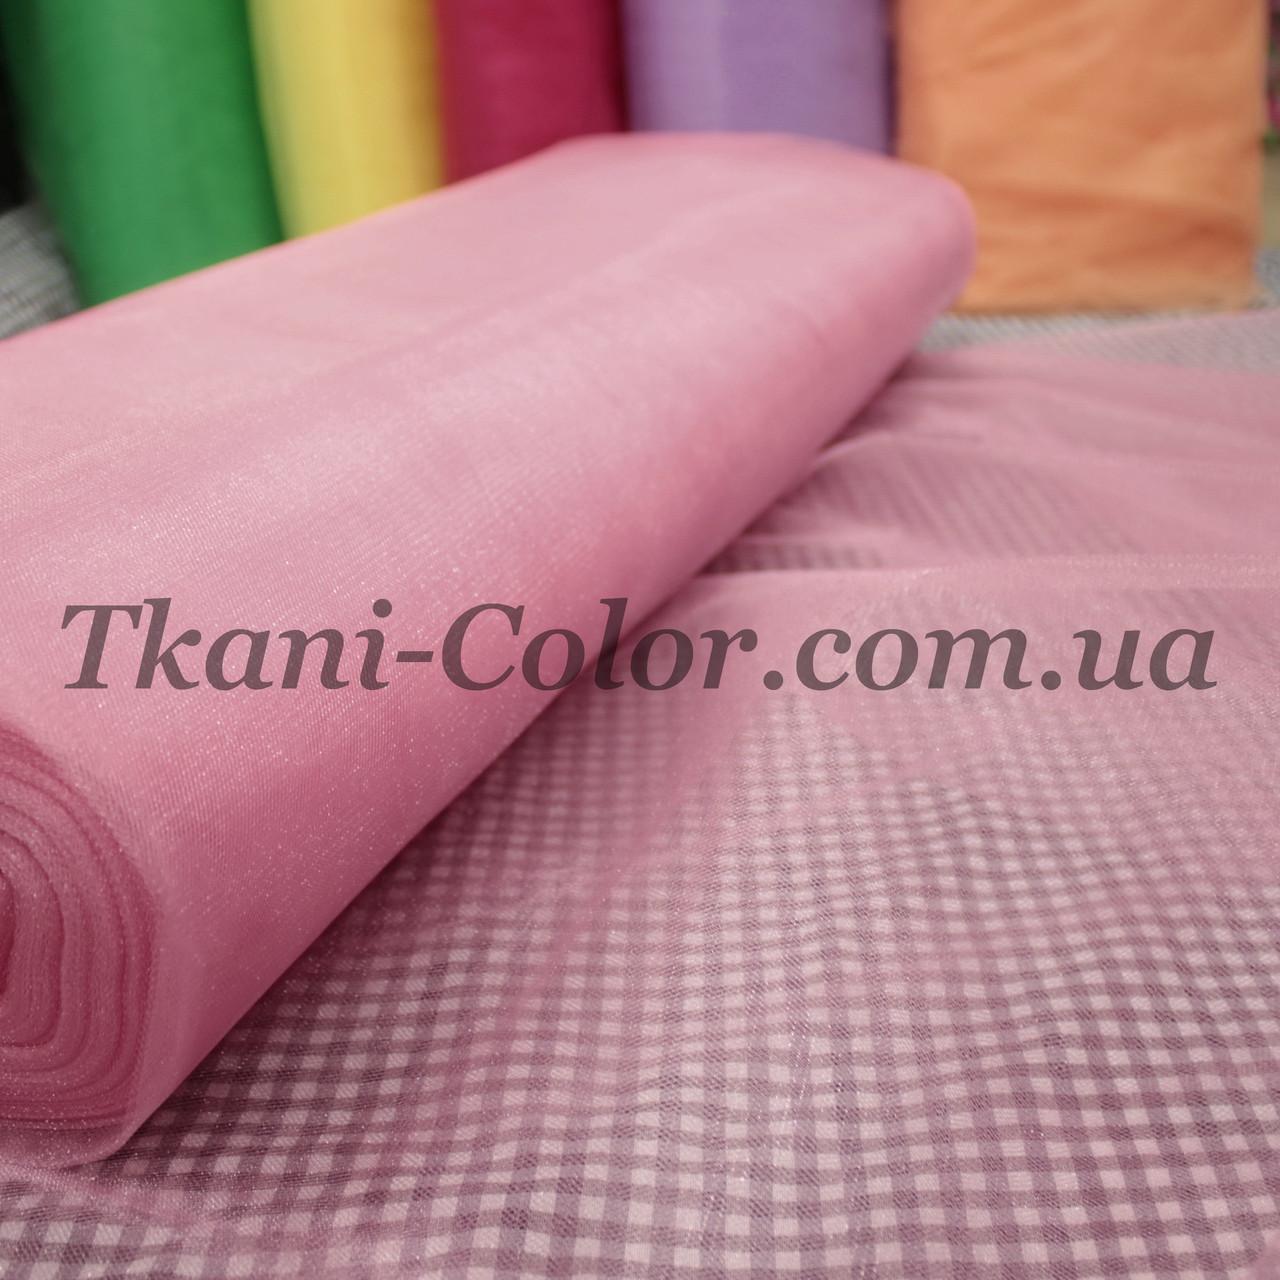 Ткань фатин средней жесткости розовый